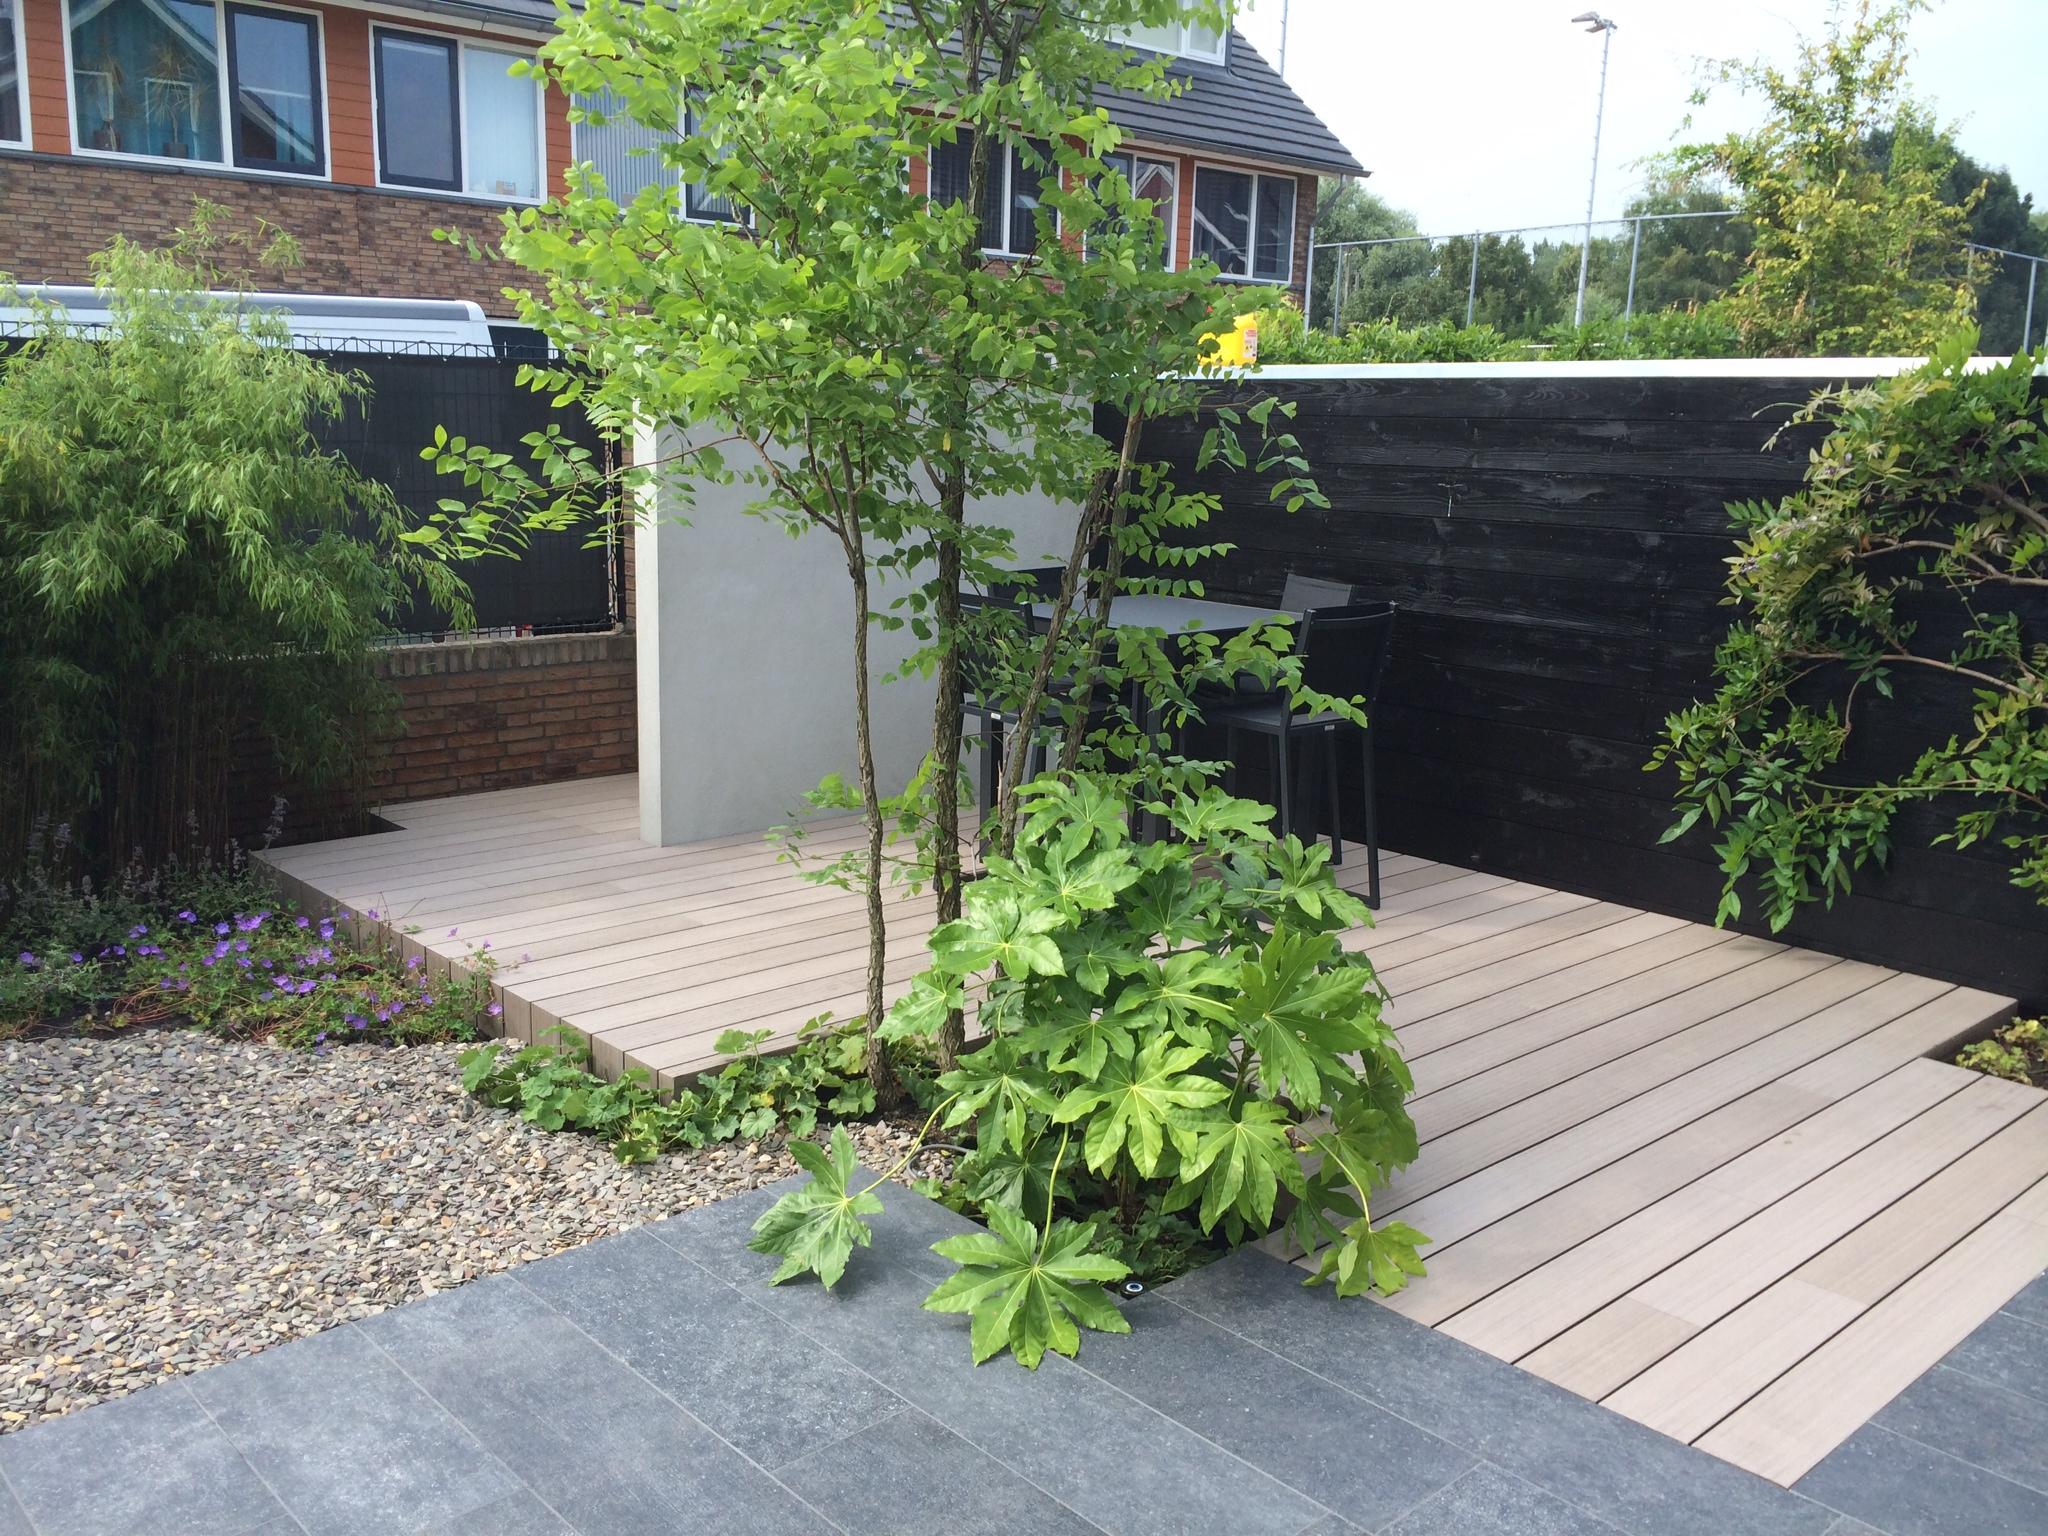 Uitzonderlijk kleine tuin ontwerp #td86 u2013 aboriginaltourismontario